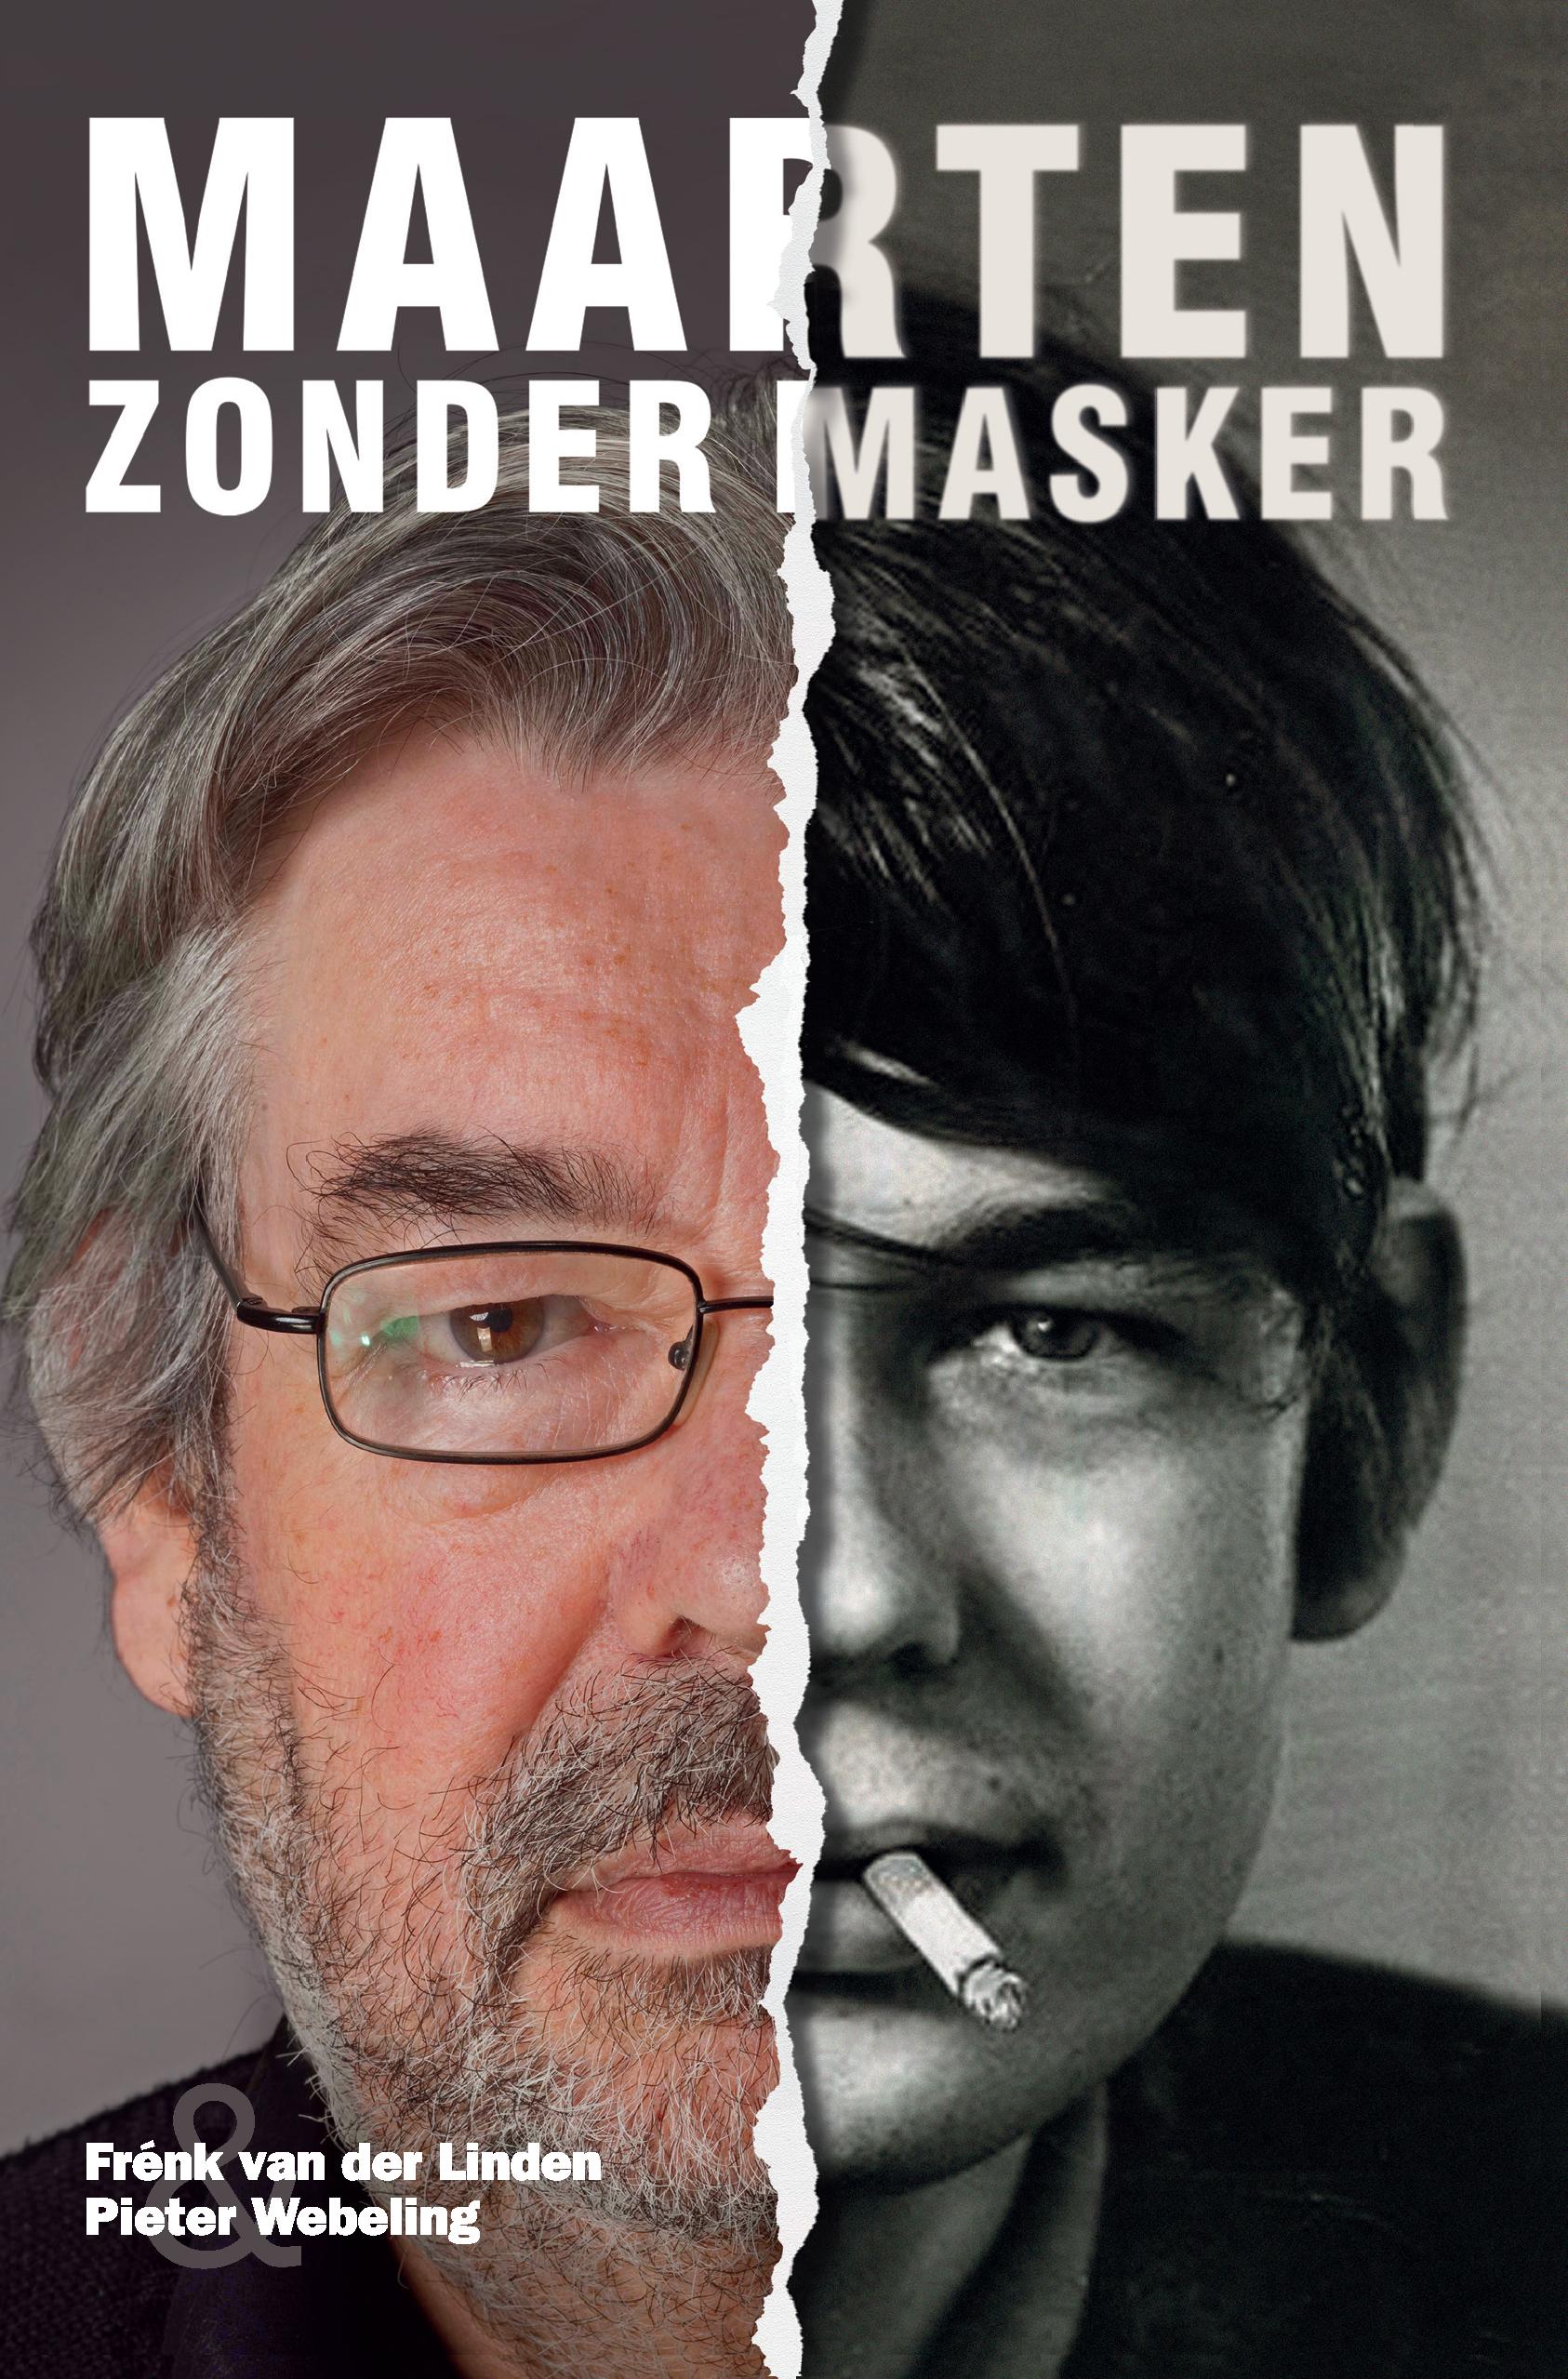 Maarten zonder masker – Frenk Van Der Linden